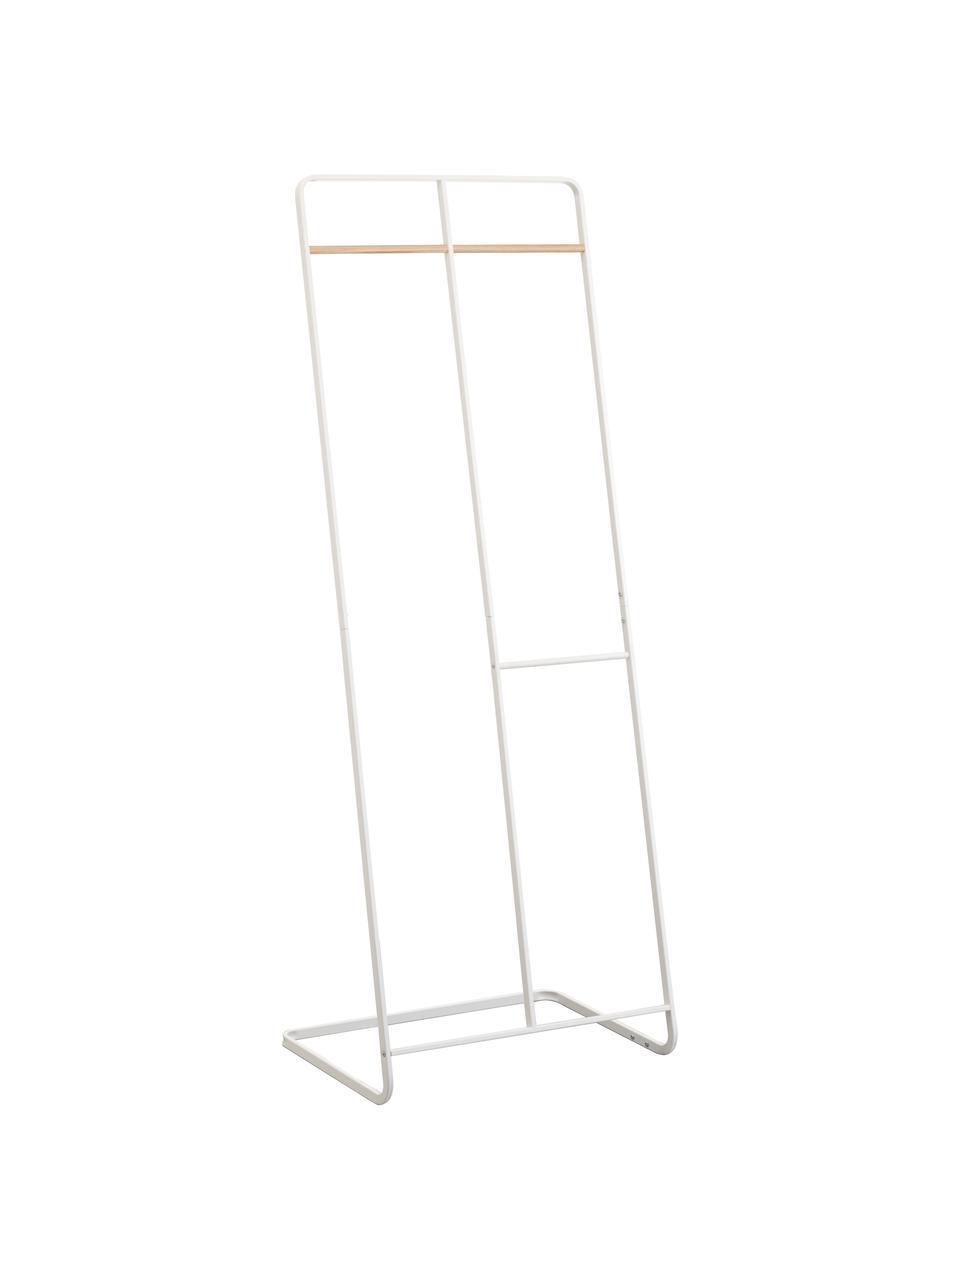 Metall-Kleiderständer Towi in Weiß, Gestell: Metall, pulverbeschichtet, Stange: Holz, Weiß, 61 x 163 cm